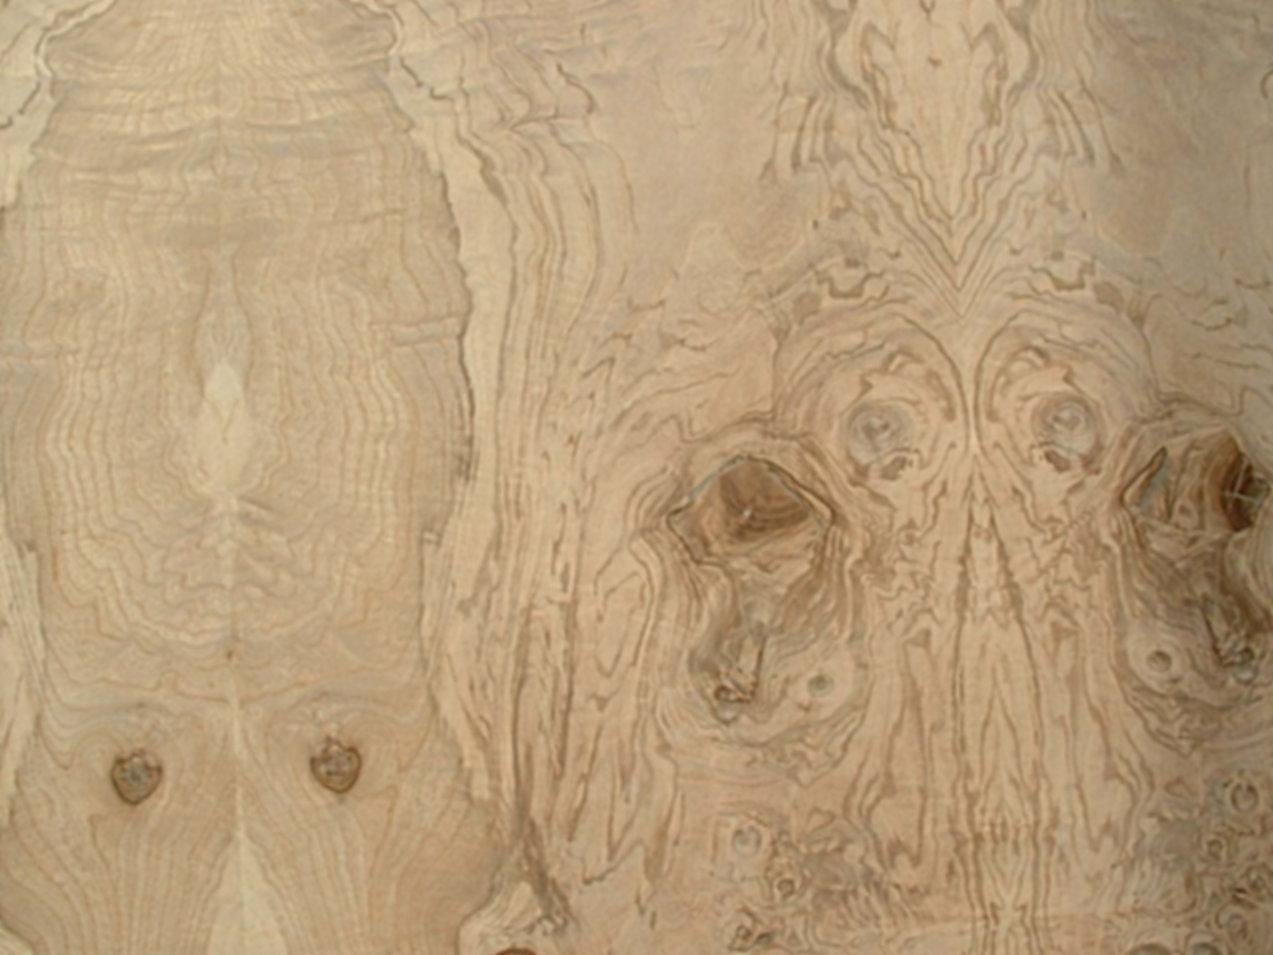 Les Fous de Bassan-fond bois5.jpg